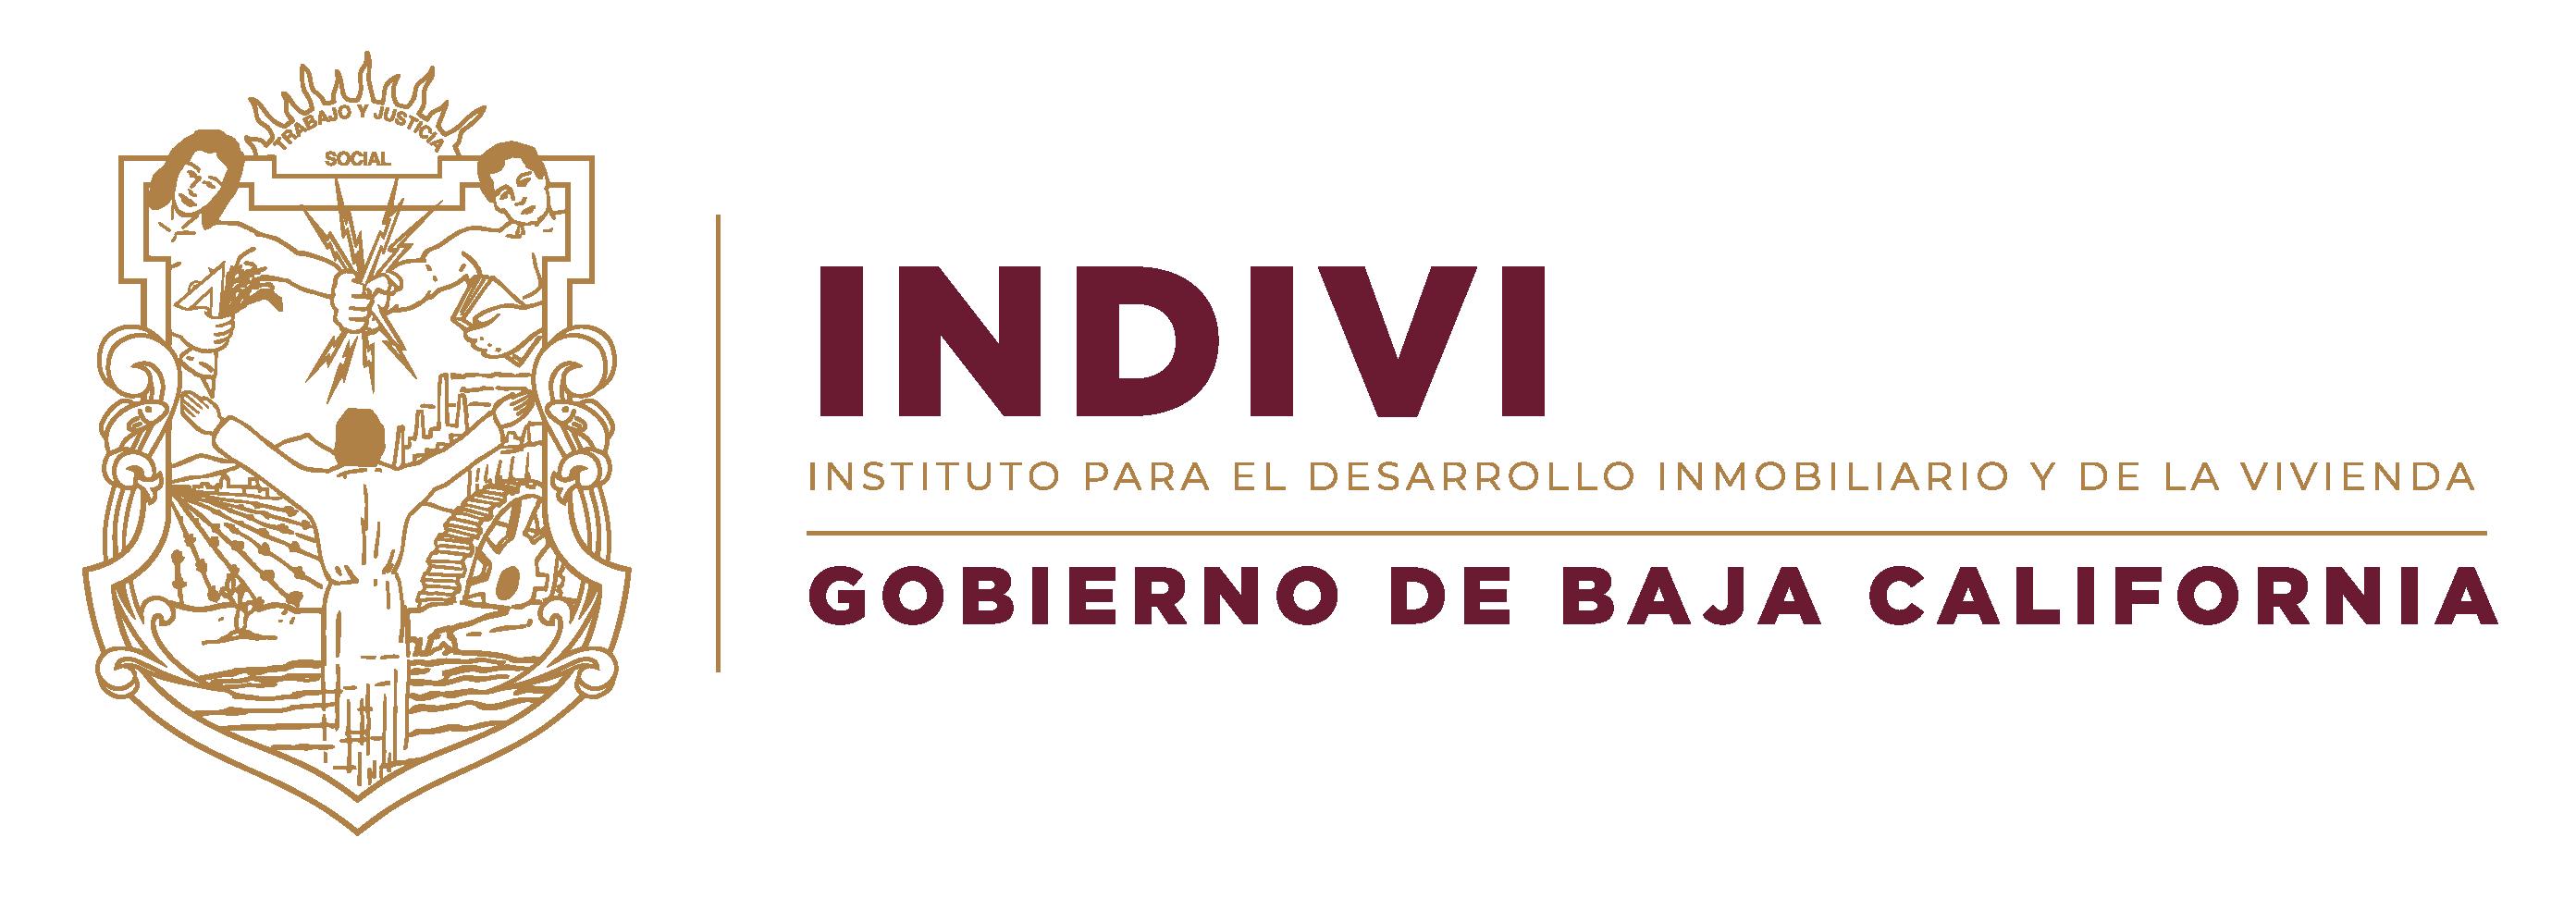 Instituto para el Desarrollo Inmobiliario y de la Vivienda